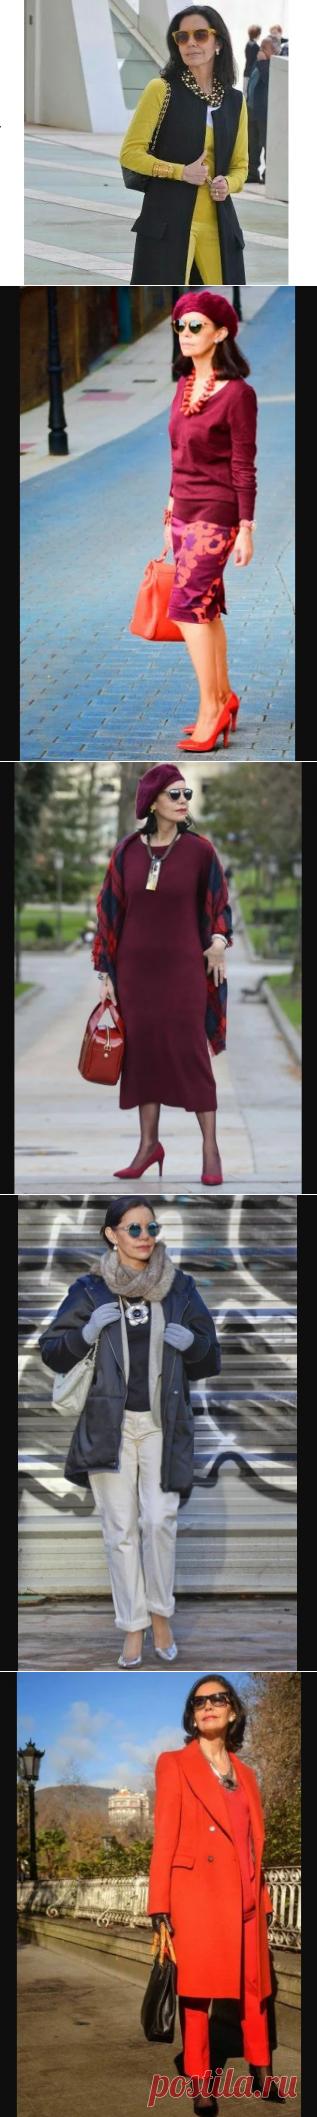 Как в 60 лет не выглядеть молодящейся бабушкой и при этом выглядеть стильно. Фот-примеры | Fashion Channel | Яндекс Дзен